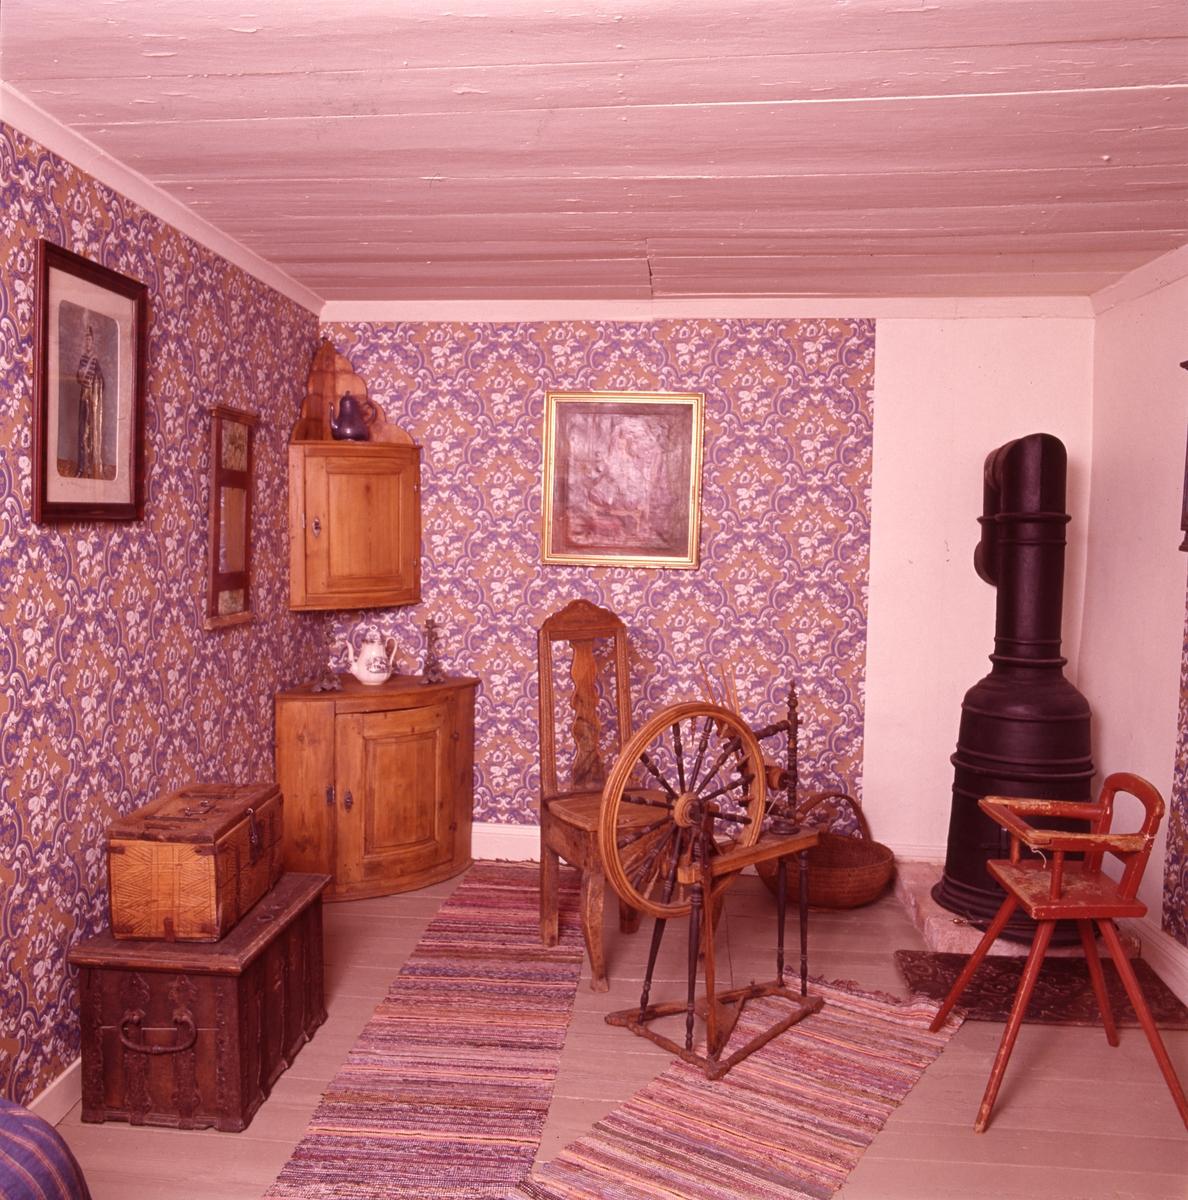 Arboga museum, interiör. En del av ett rum med stormönstrade tapeter. I ena hörnet står en kamin. Möblemanget består av ett hörngolvskåp och ett hörnväggskåp, en barnstol, två kistor i olika storlekar och en stol. En spinnrock står mitt på golvet och efter väggen står en korg. På väggen hänger två tavlor och en spegel. På golvet ligger två trasmattor.